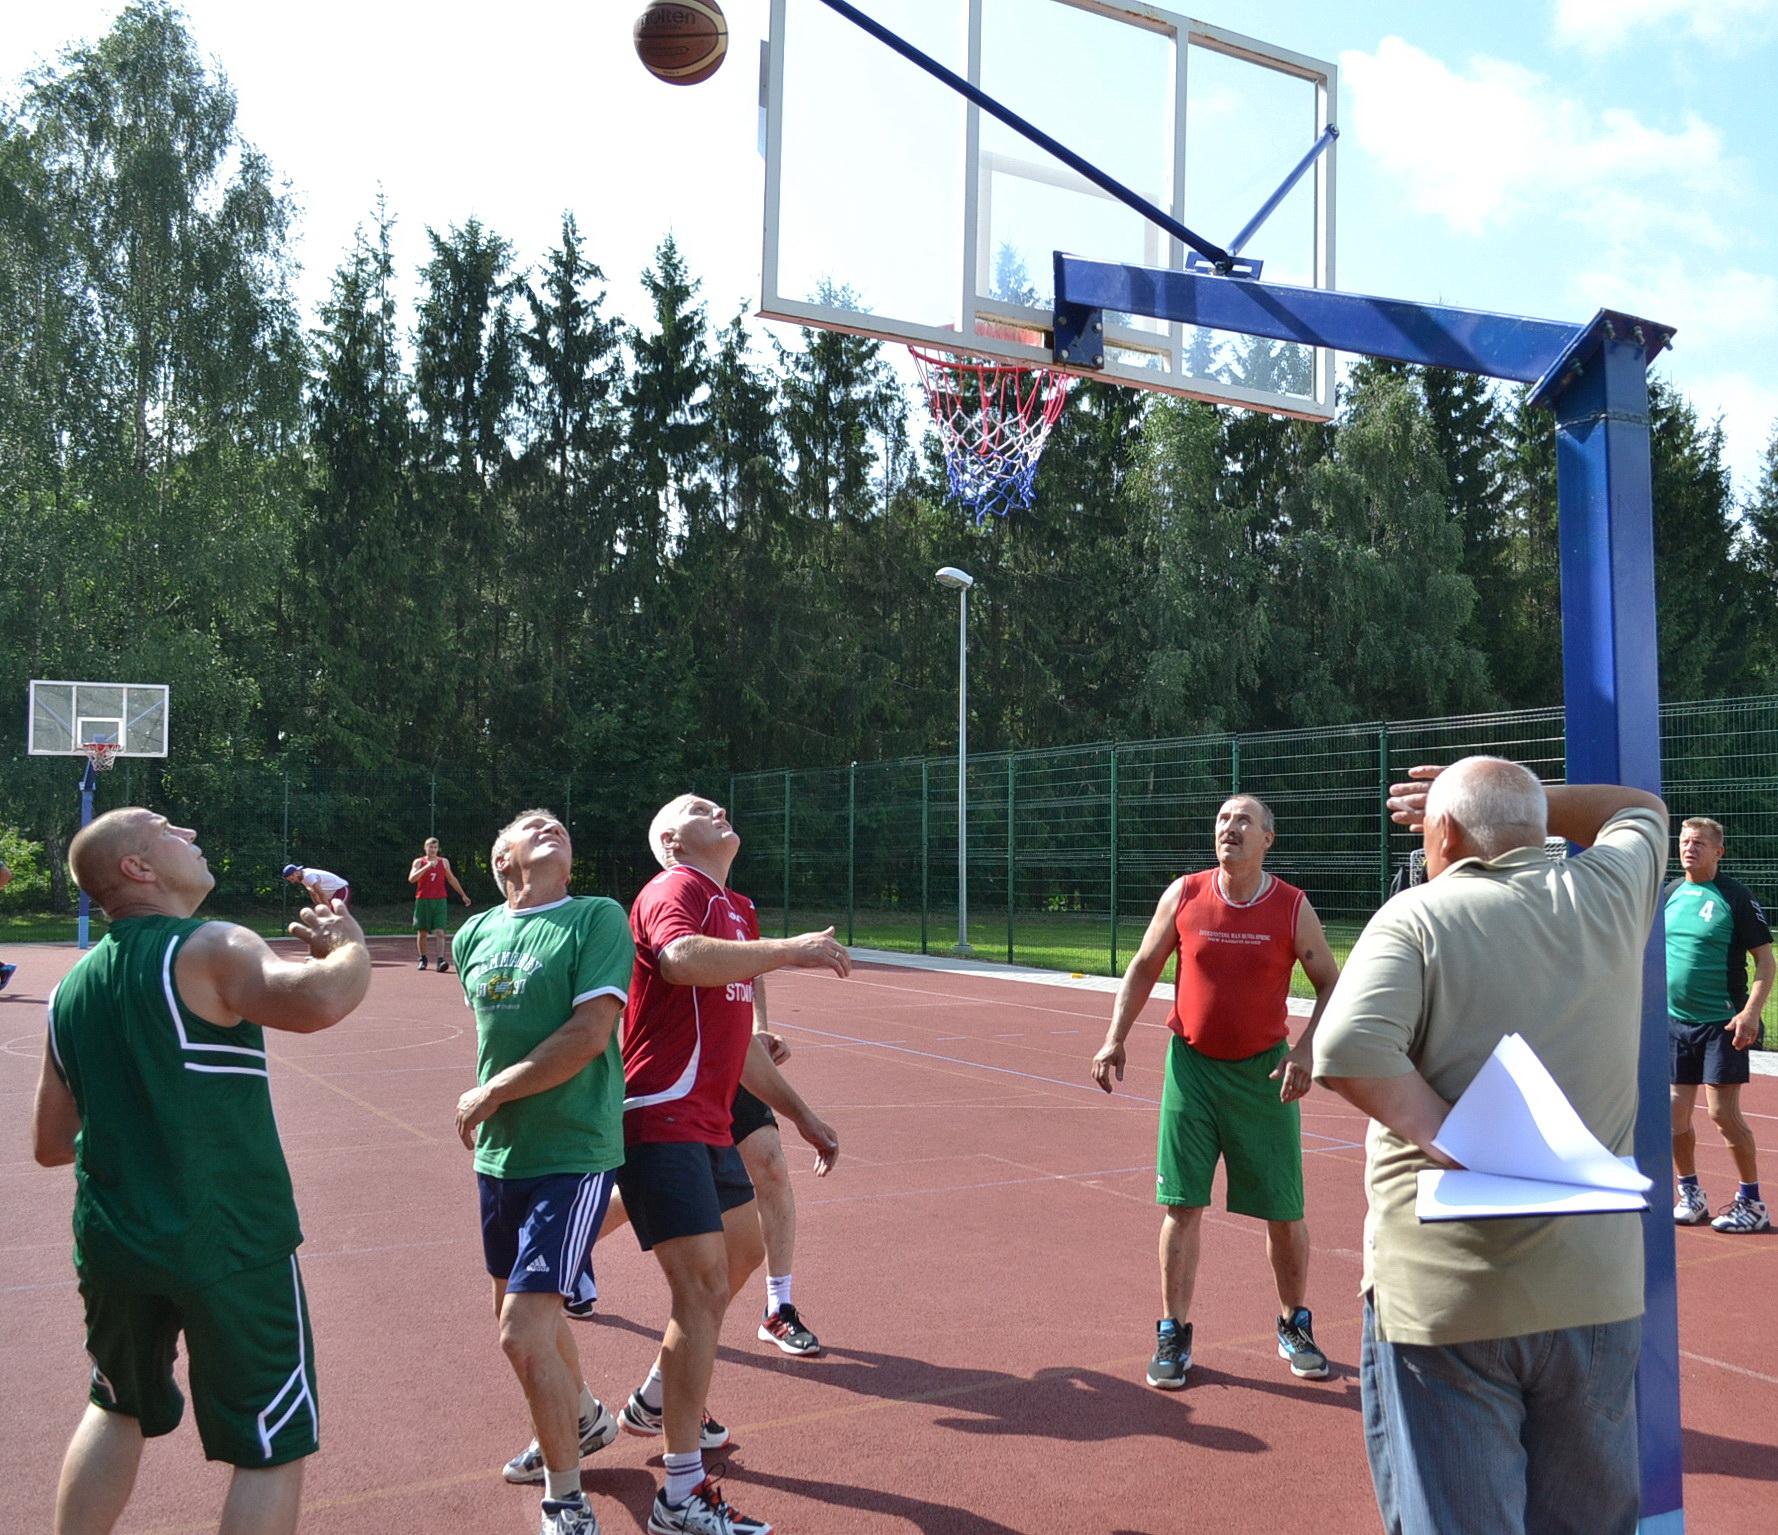 Krepšinio aikštelėje prakaitą lieja Stoniškių ir Natkiškių vyresnieji krepšinio entuziastai. Geriau sekėsi pastariesiems.